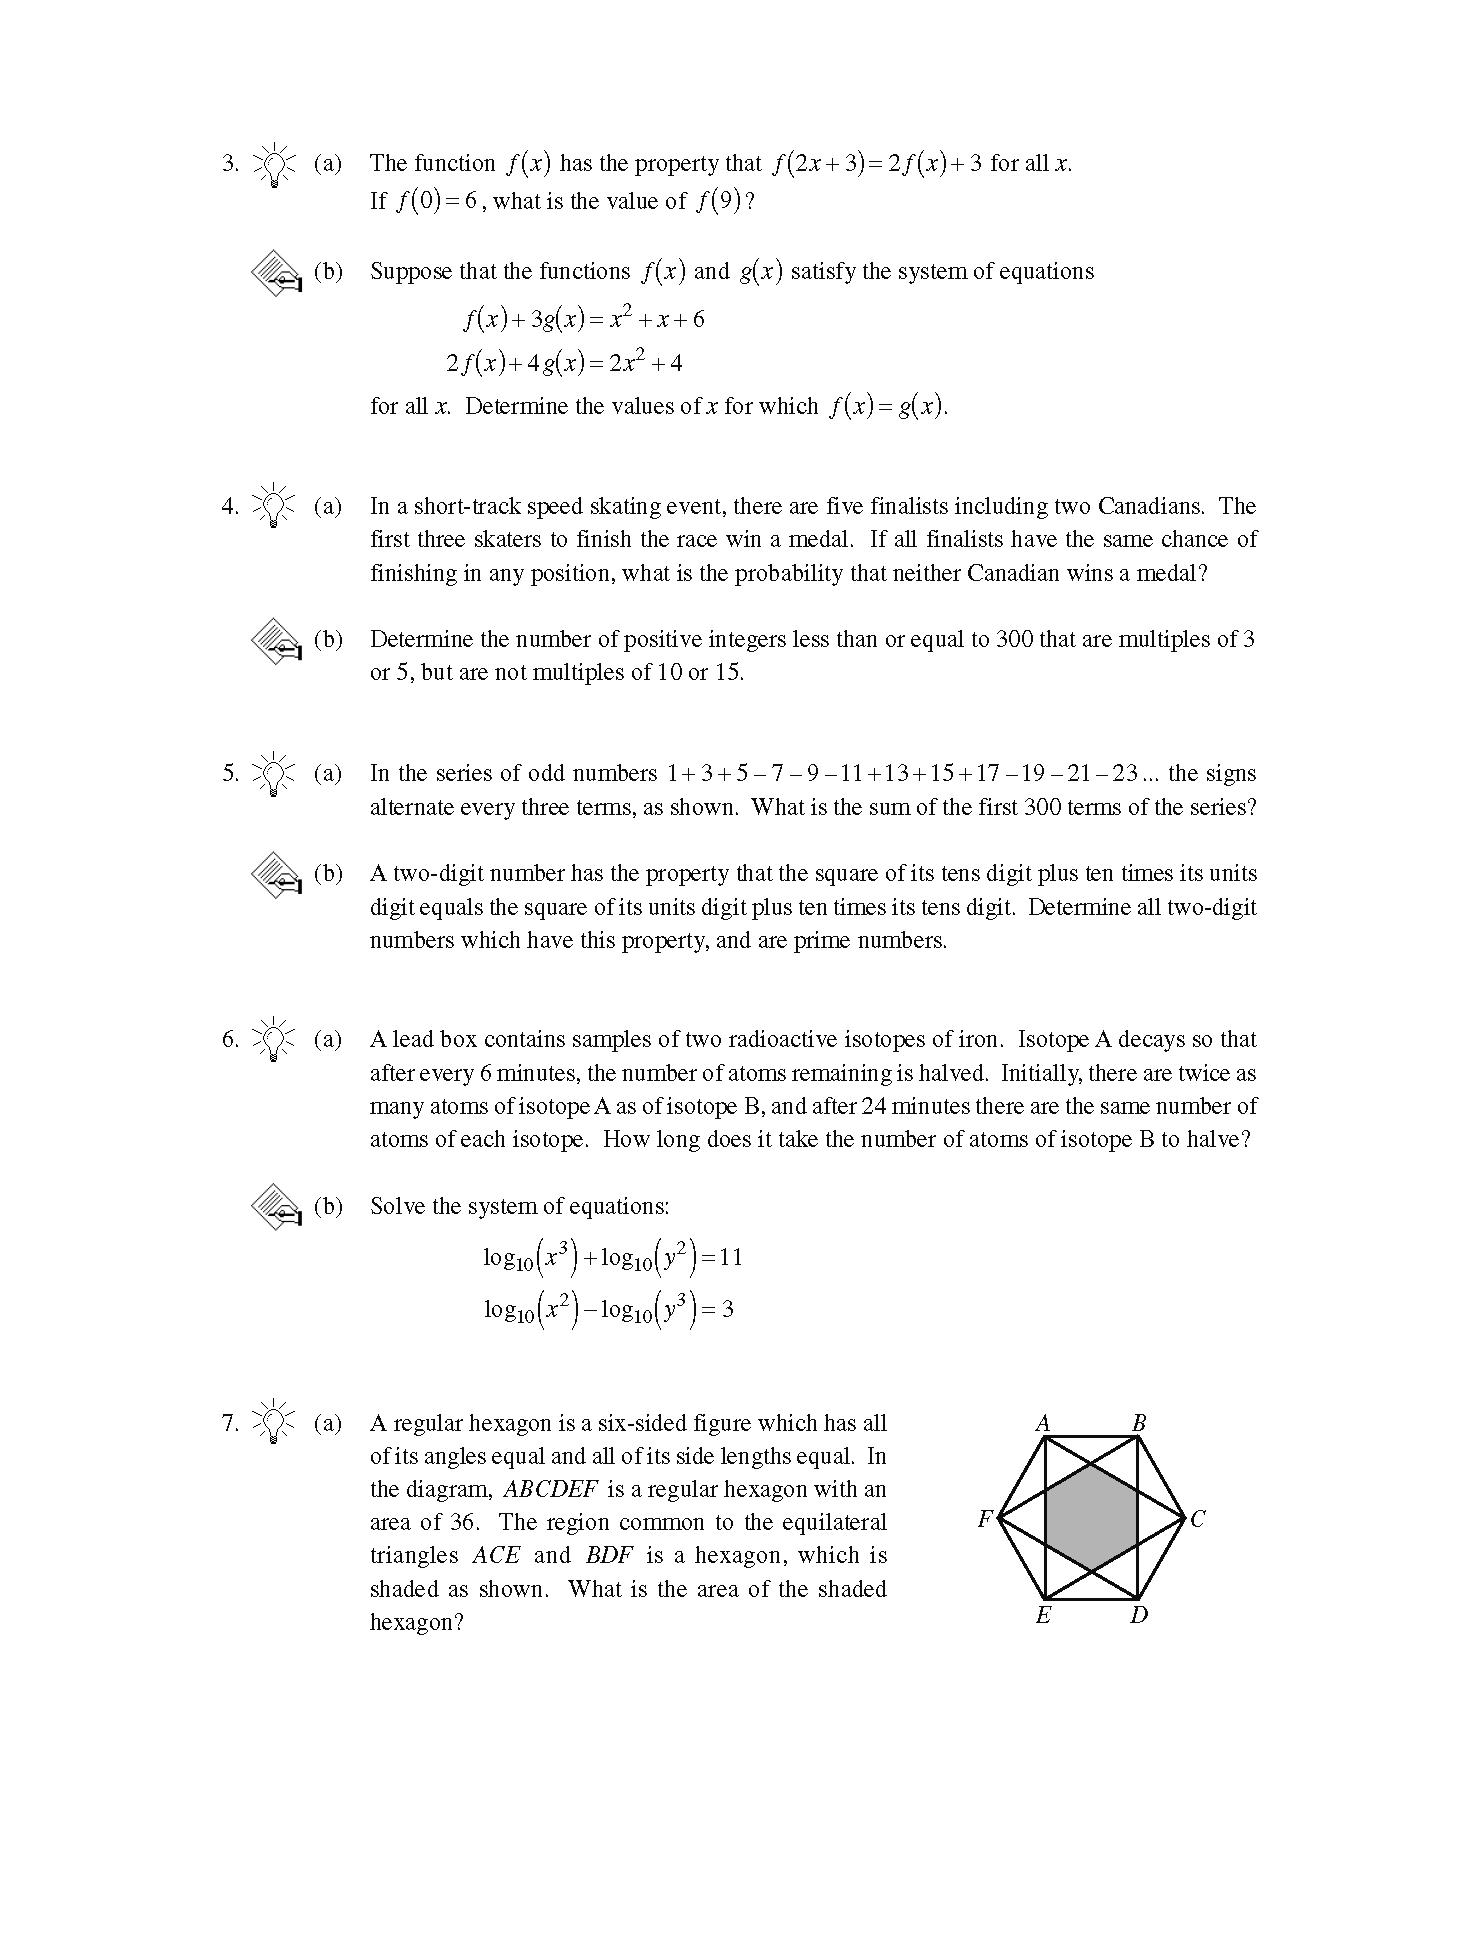 加拿大数学竞赛CMC-Euclid欧几里德数学竞赛2003年真题